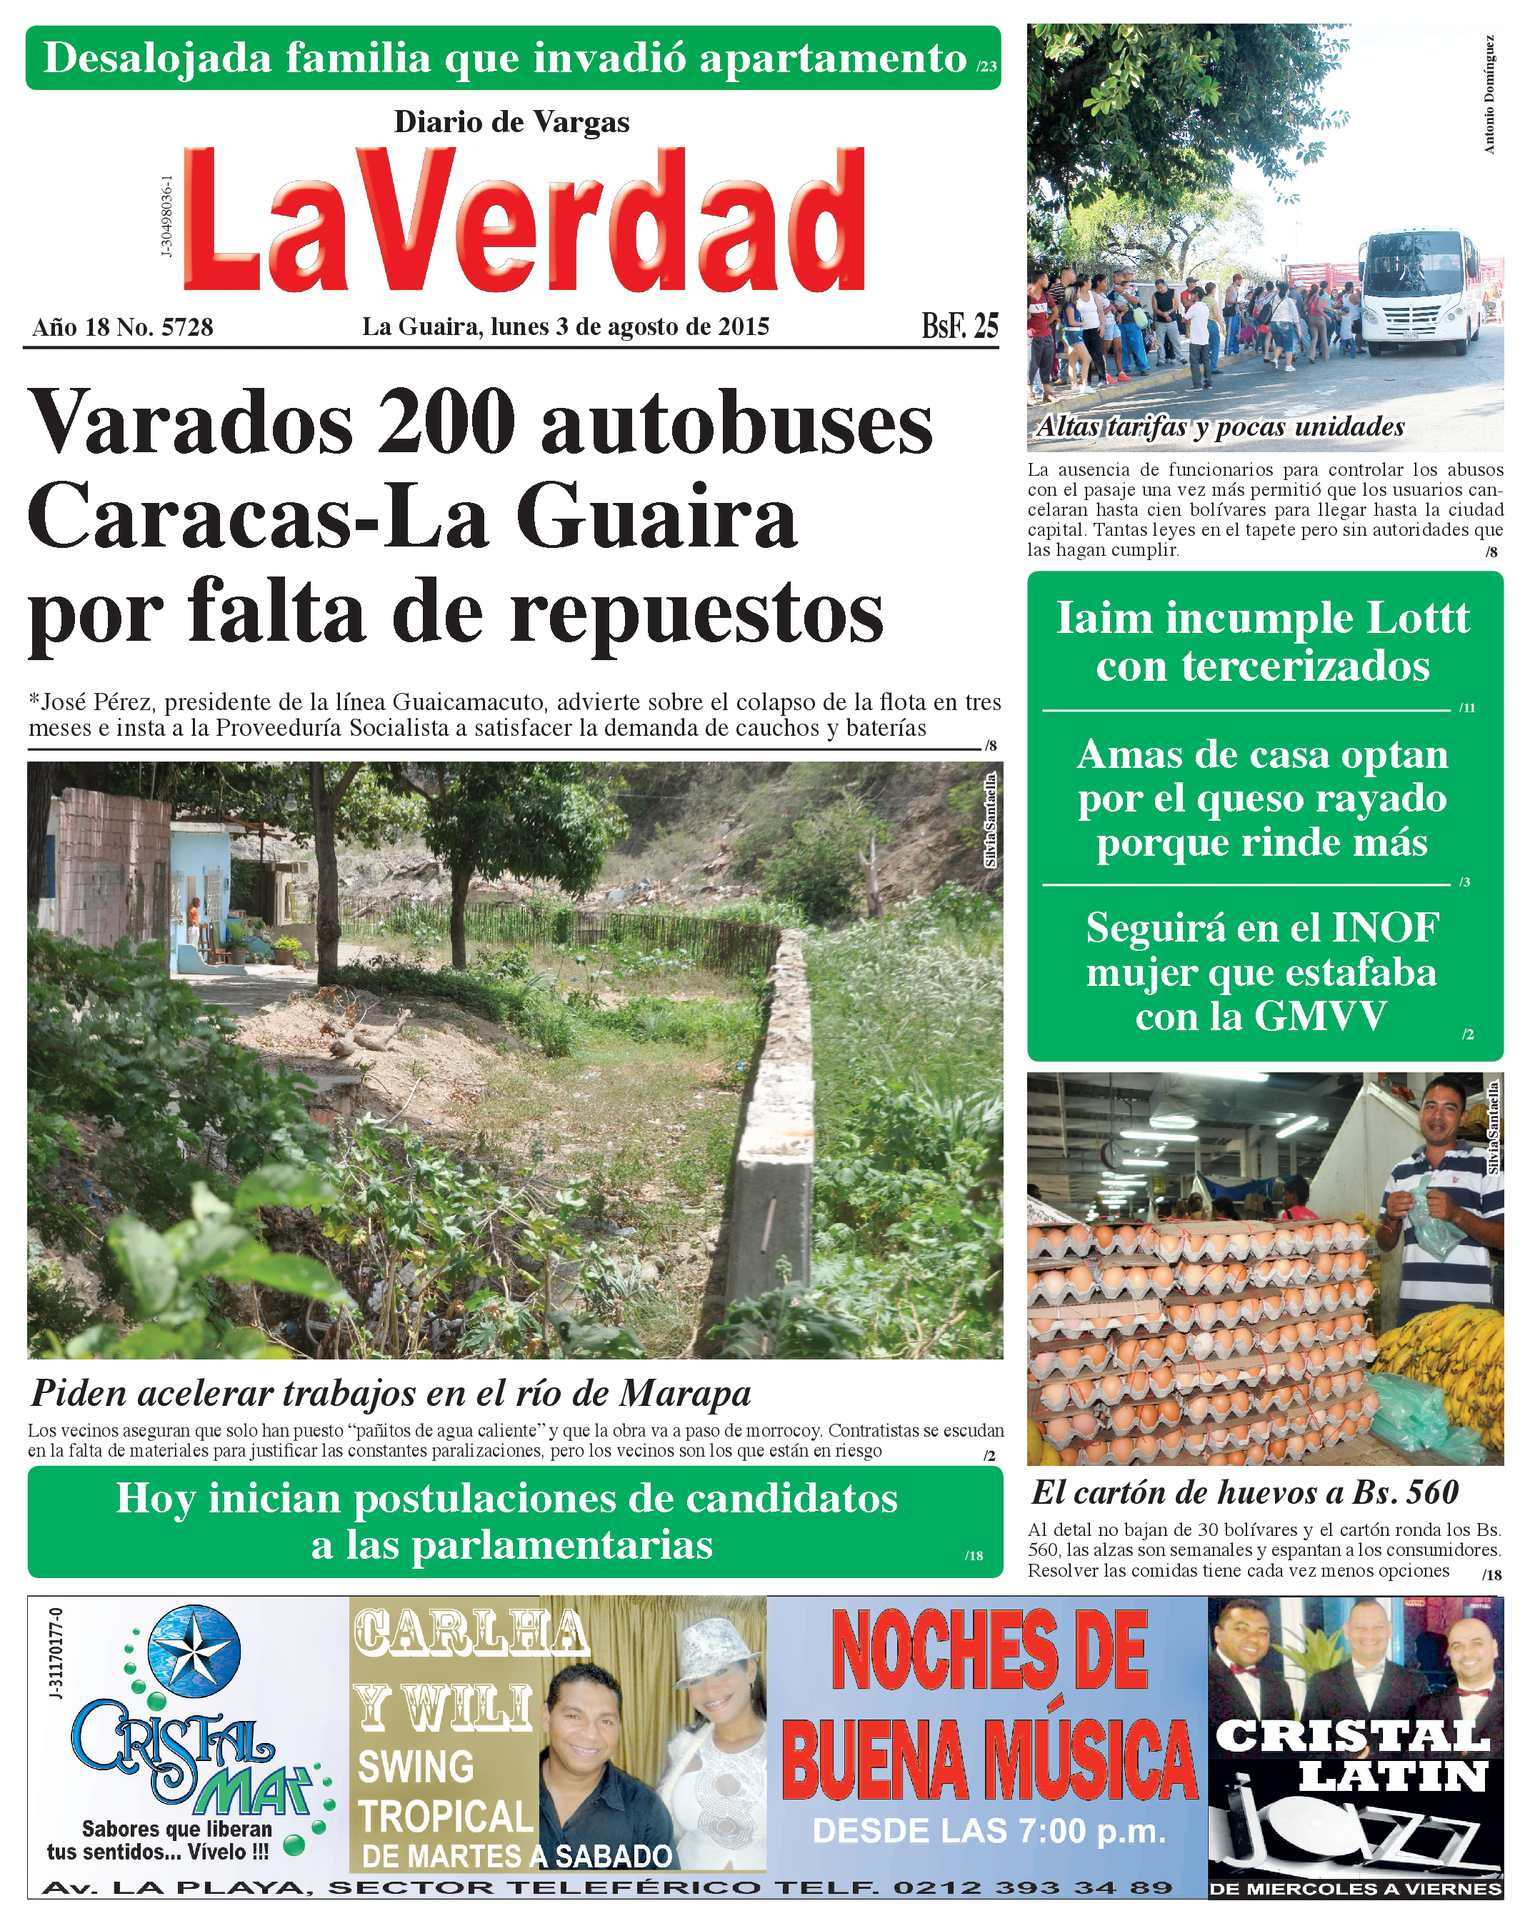 Calaméo - La Guaira, lunes 3 de agosto de 2015 Año 18 No. 5728